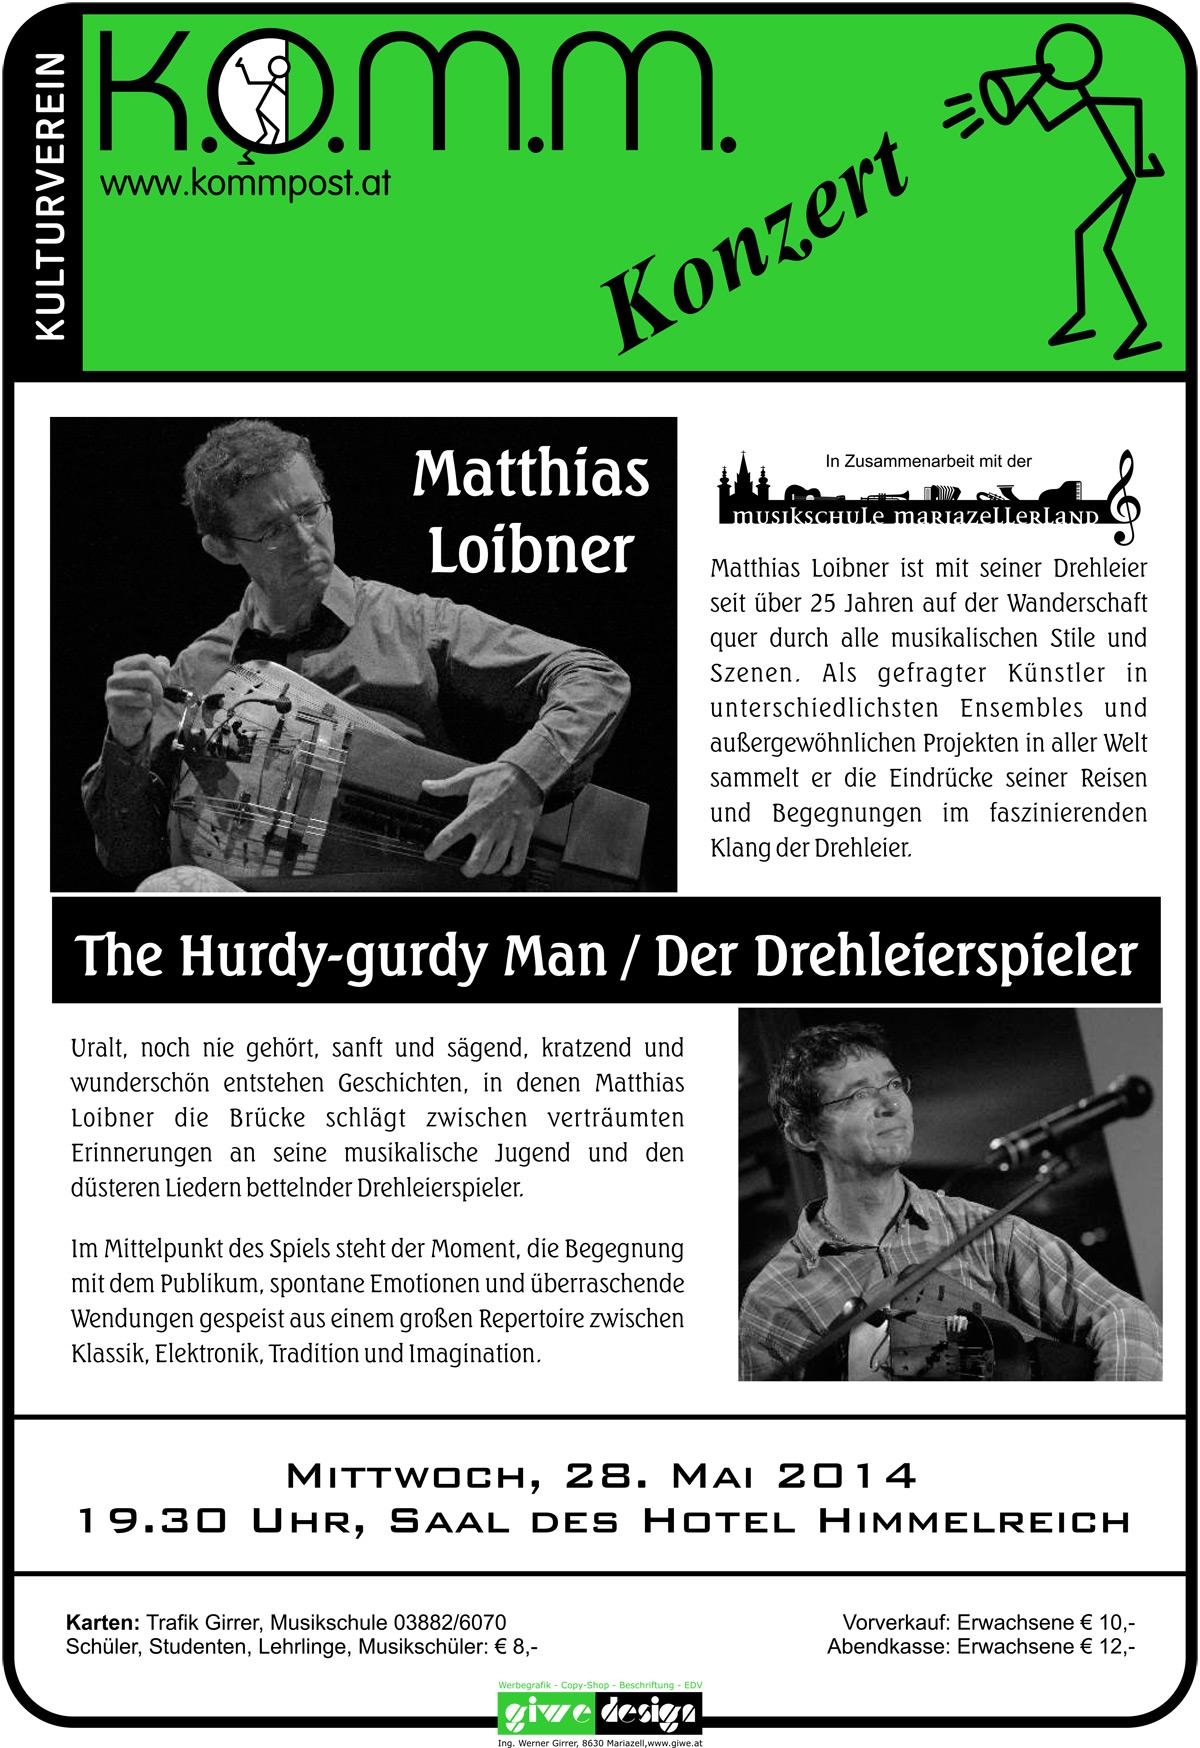 Kulturverein-KOMM-Konzert-Matthias-Loibner